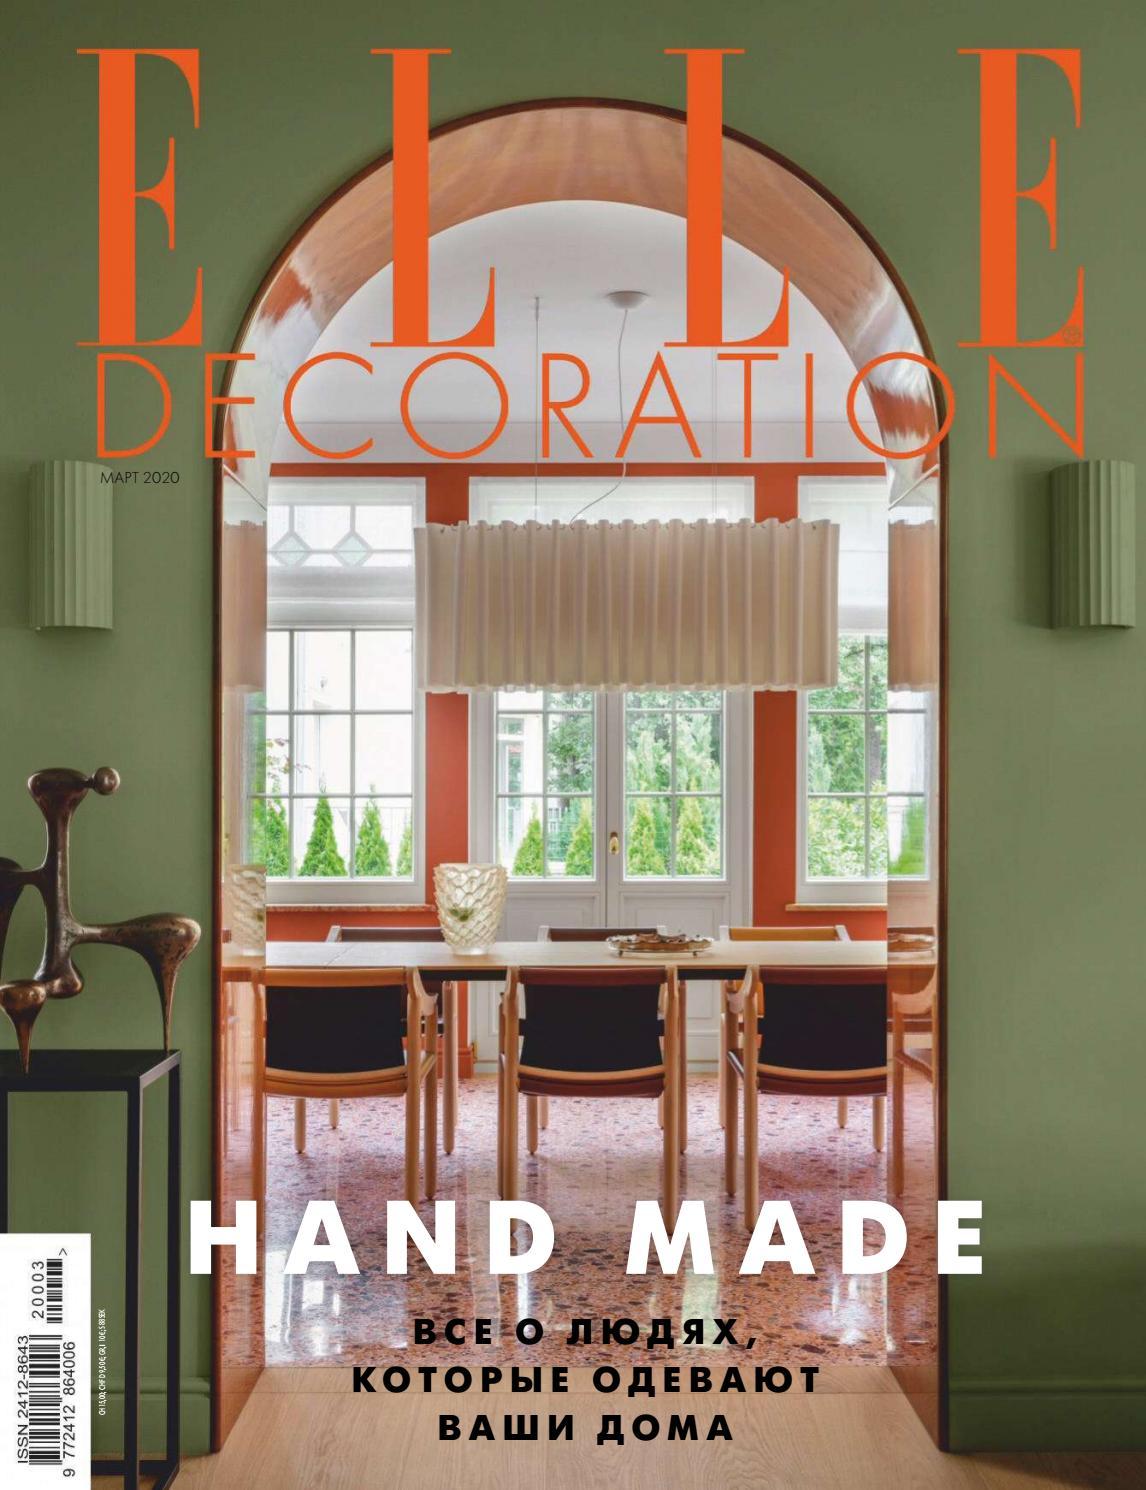 Декоративные узоры и рисунки на стене своими руками: белые и геометрические